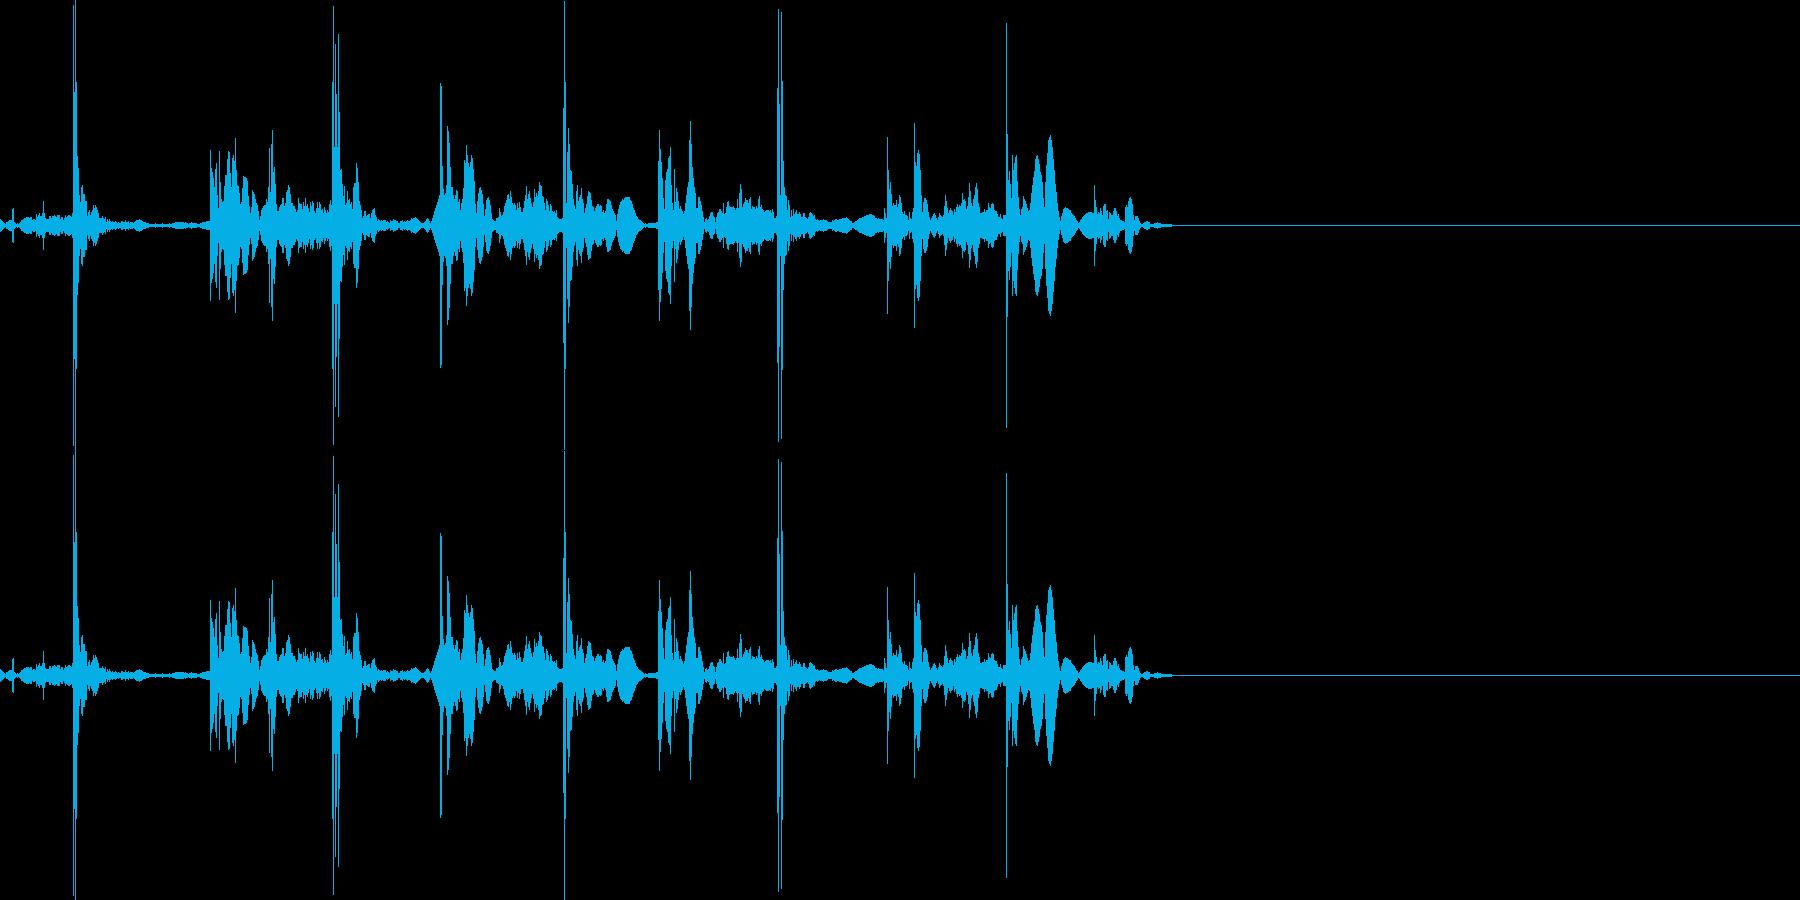 シュッシュッシュッ(トランプを配る)の再生済みの波形